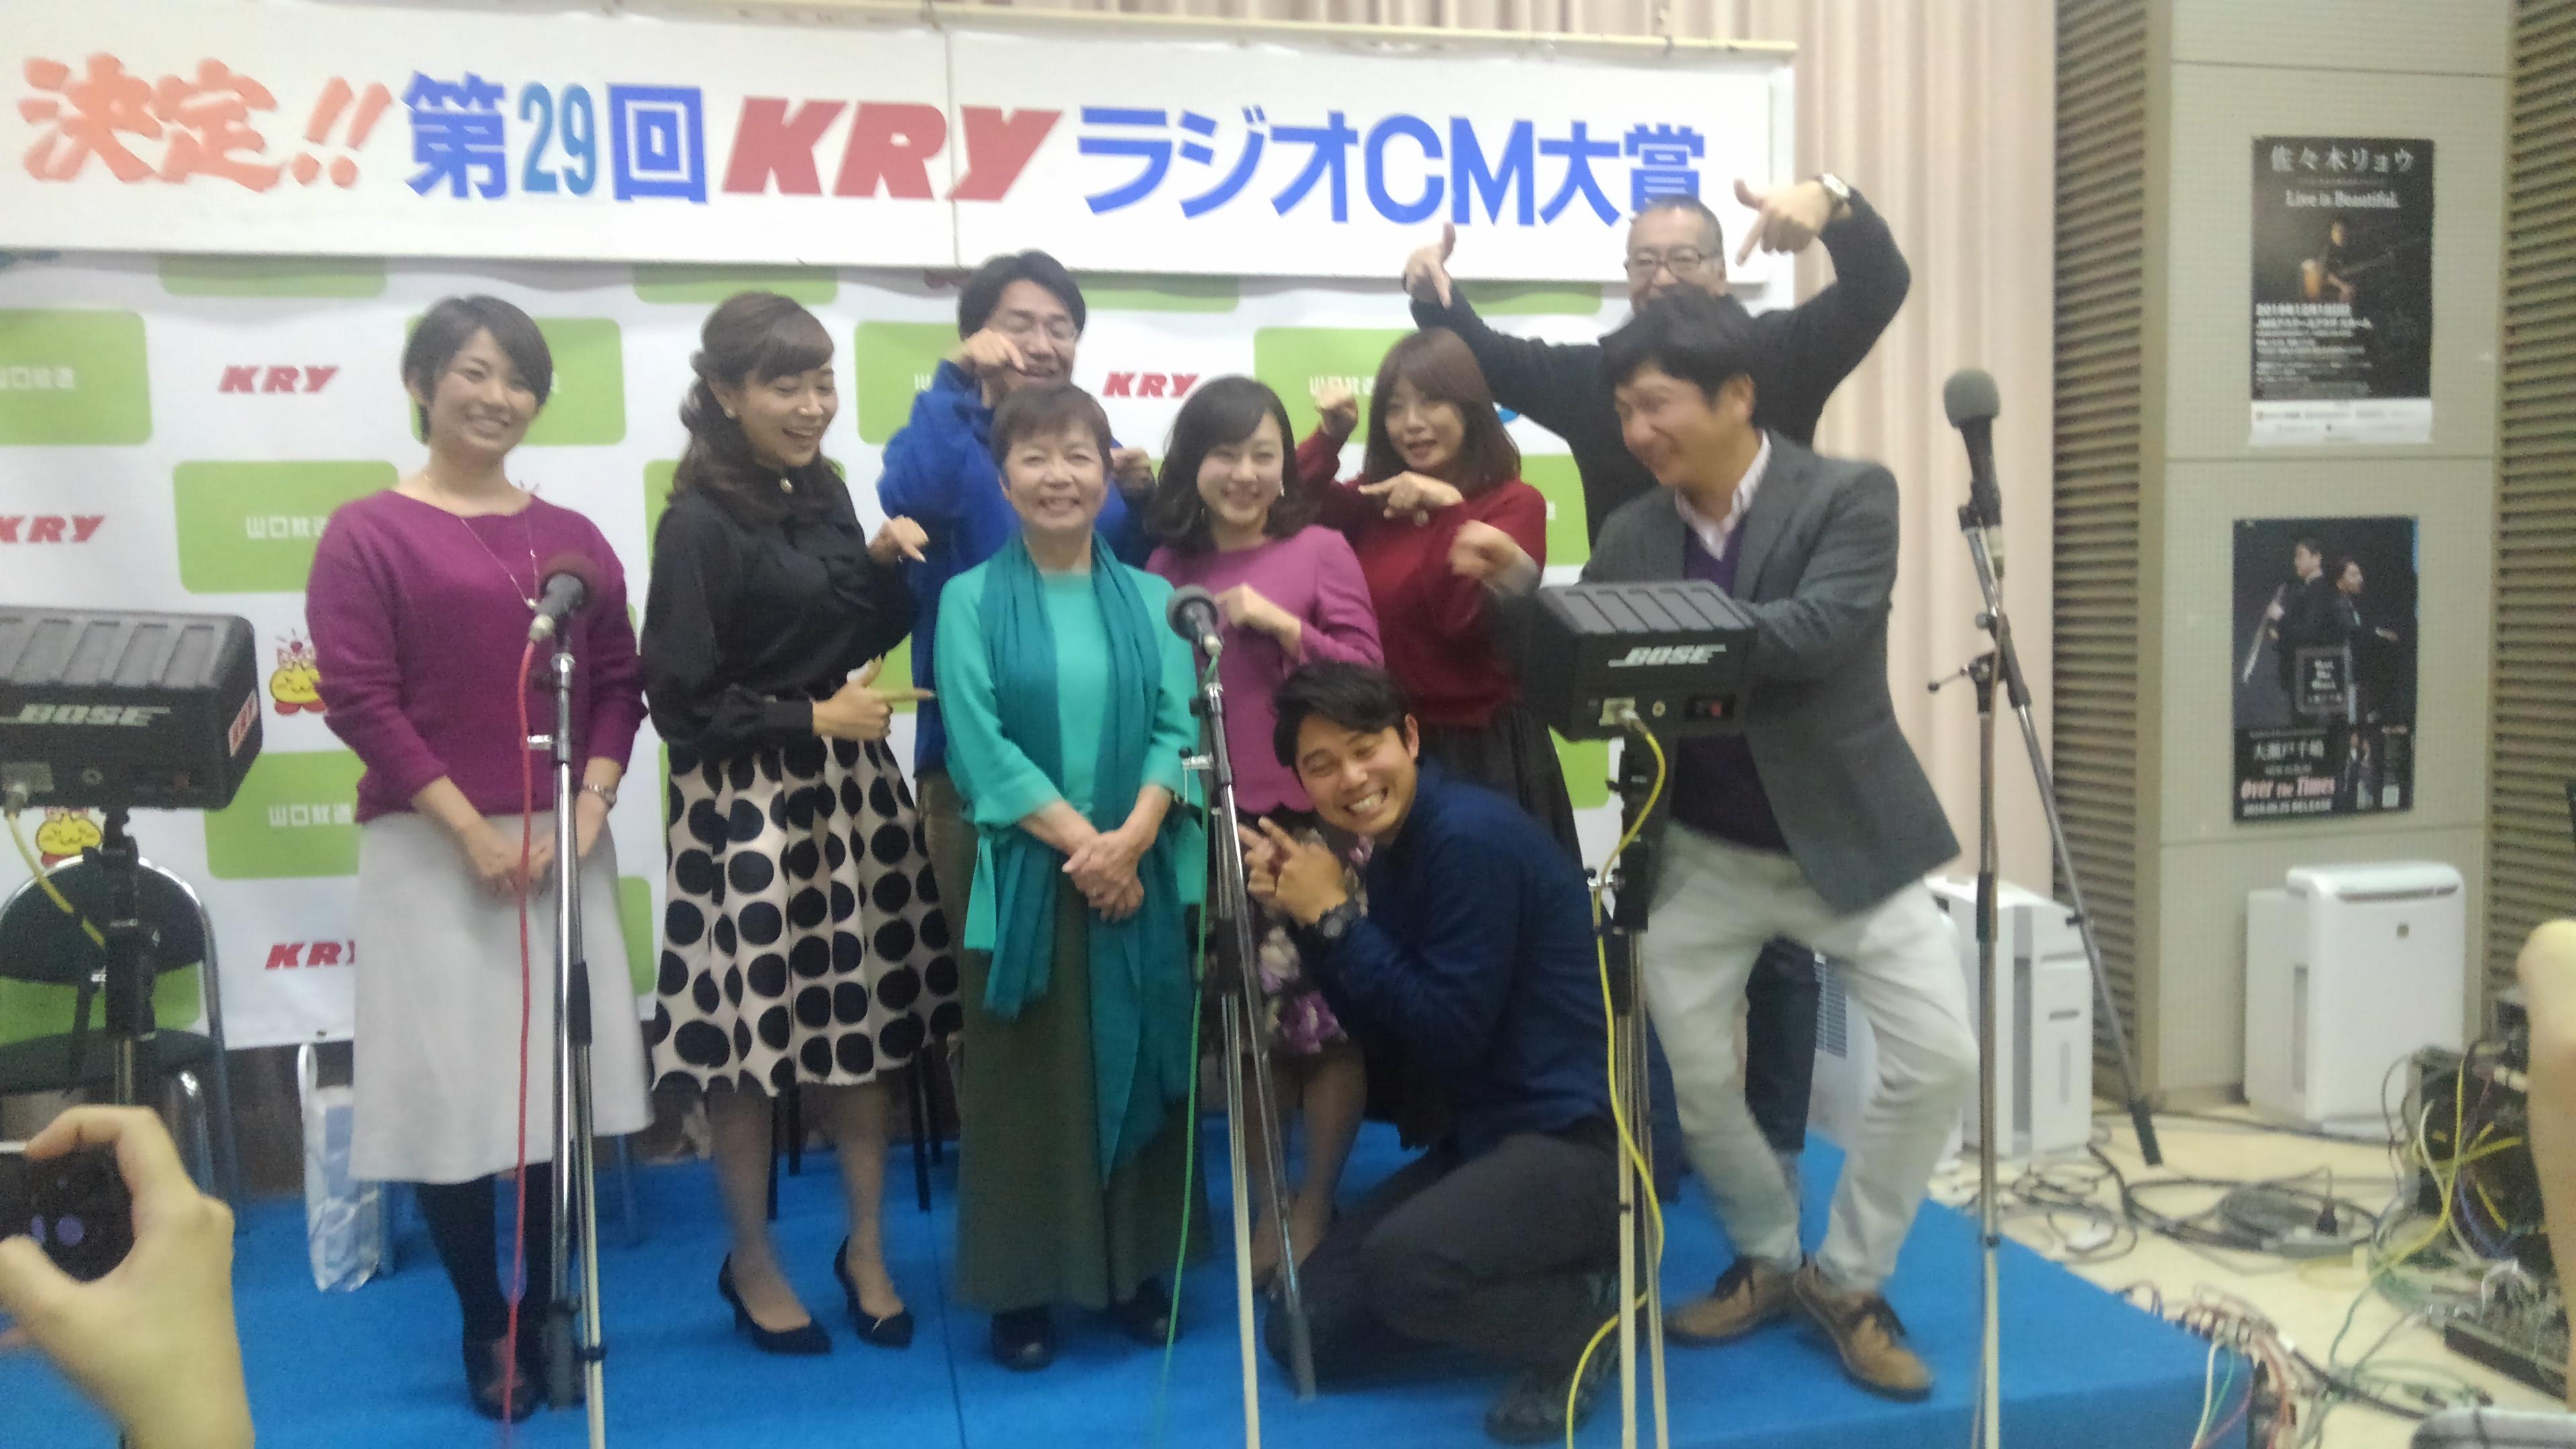 第40回 KRYラジオCM大賞の公開収録に行って来た